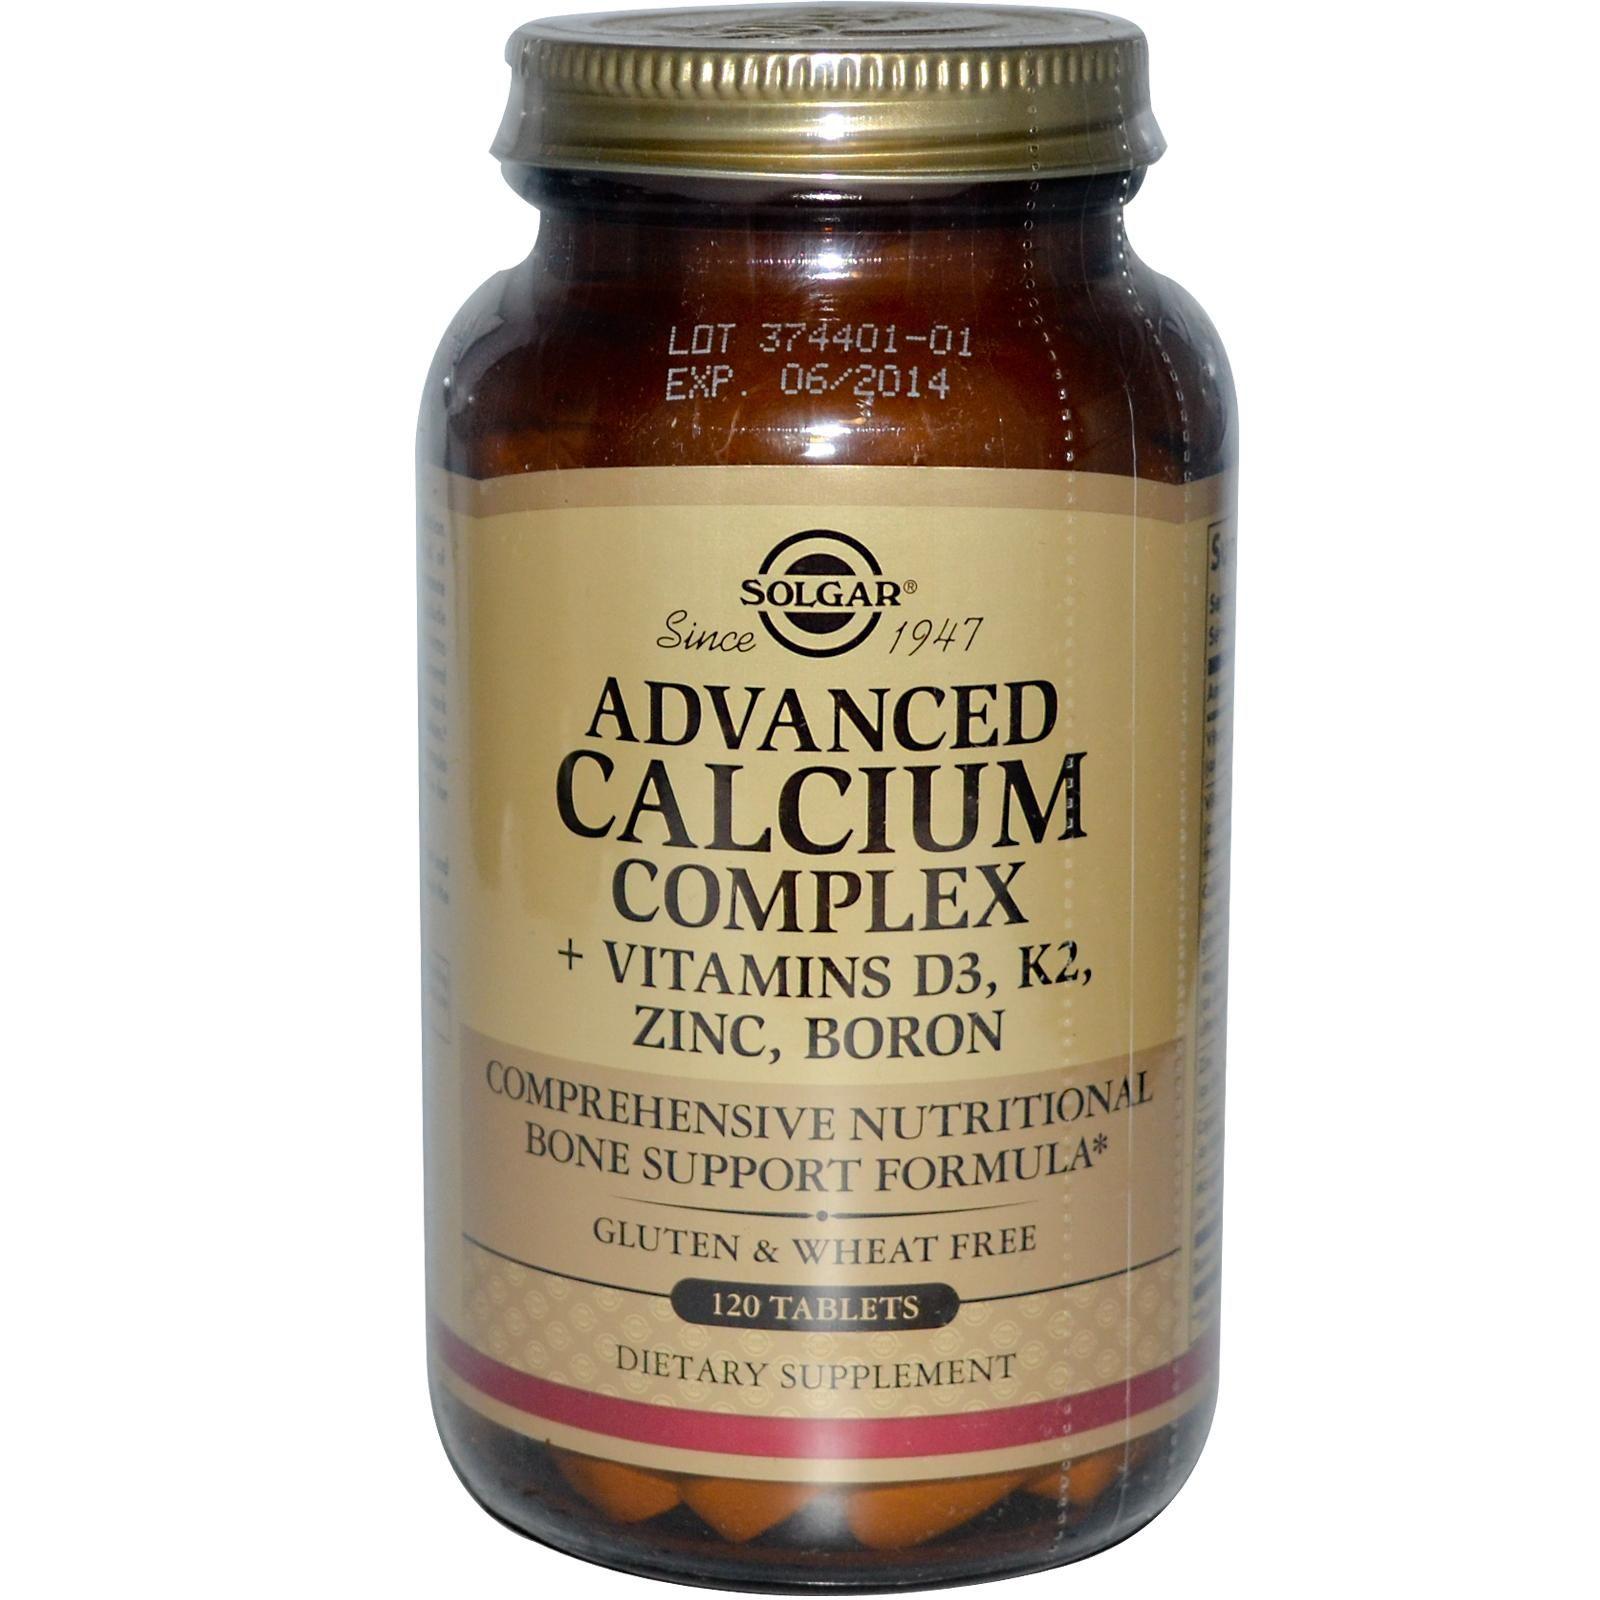 Solgar Advanced Calcium Complex Vitamins D3 K2 Zinc Boron